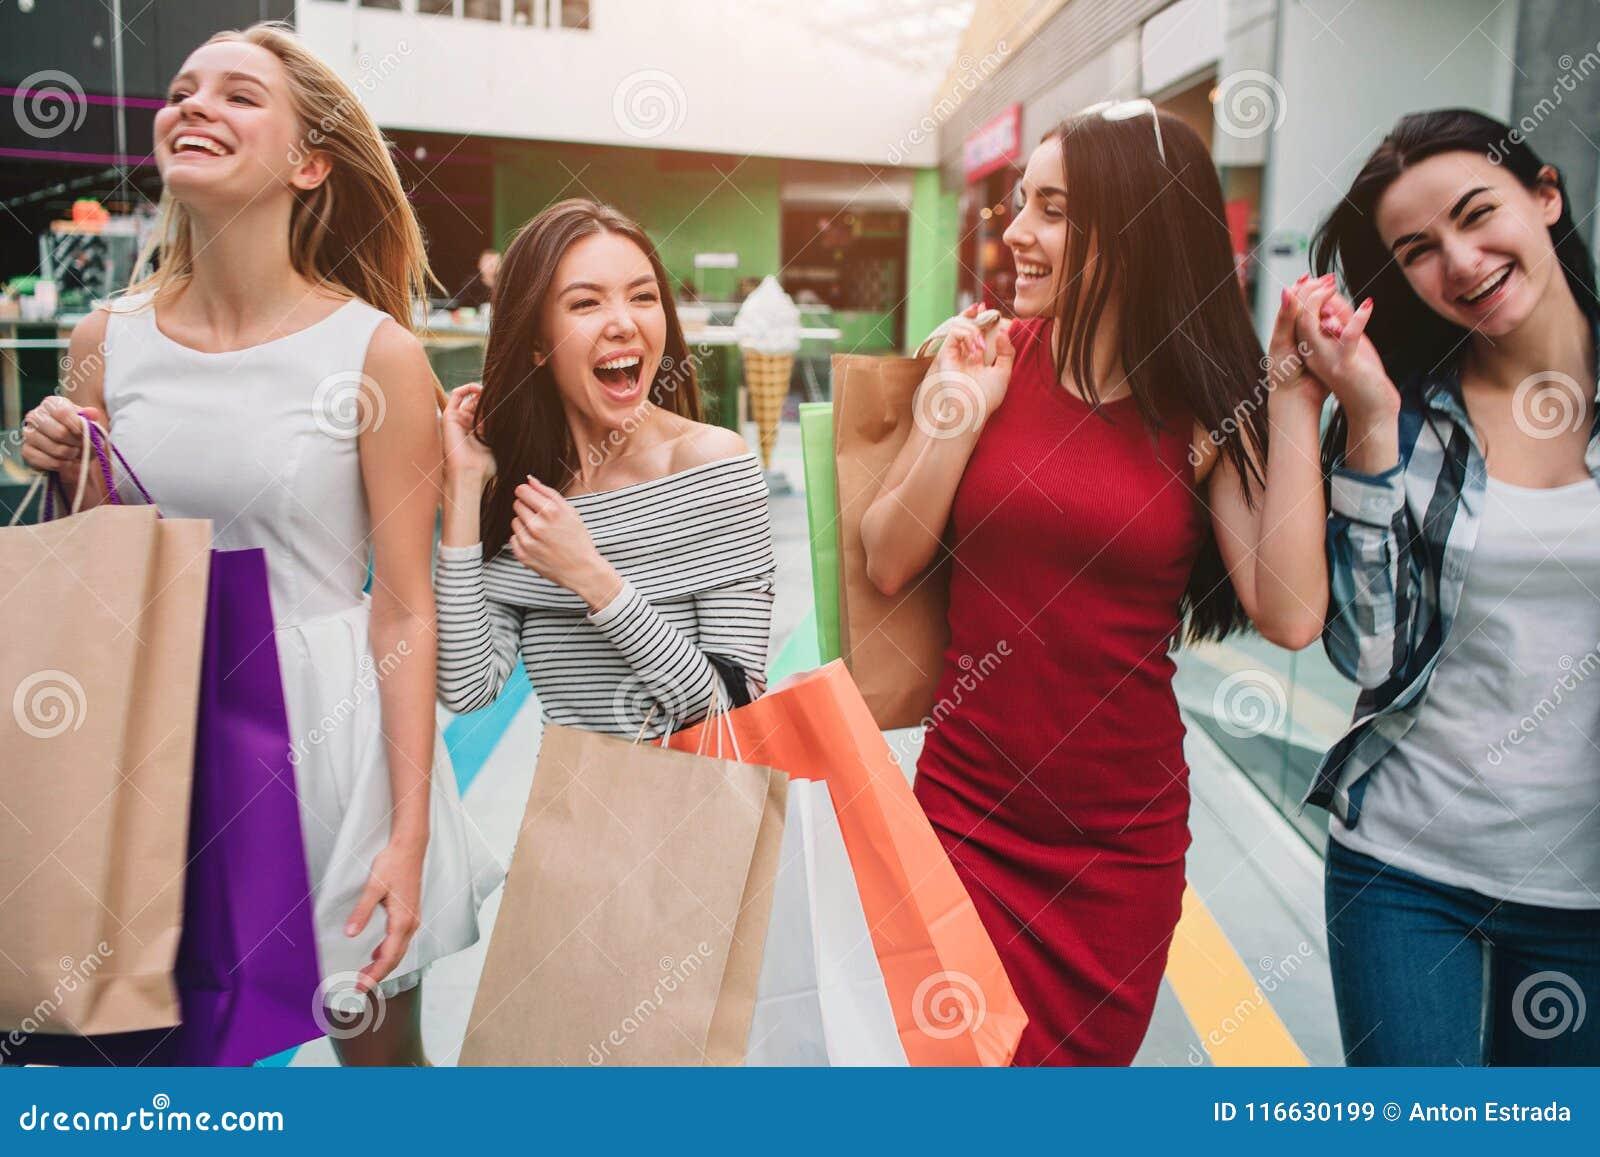 Atrakcyjne i zadowolone dziewczyny chodzą w centrum handlowym wpólnie Trzymają torby z materiałem Dziewczyny są roześmiane i